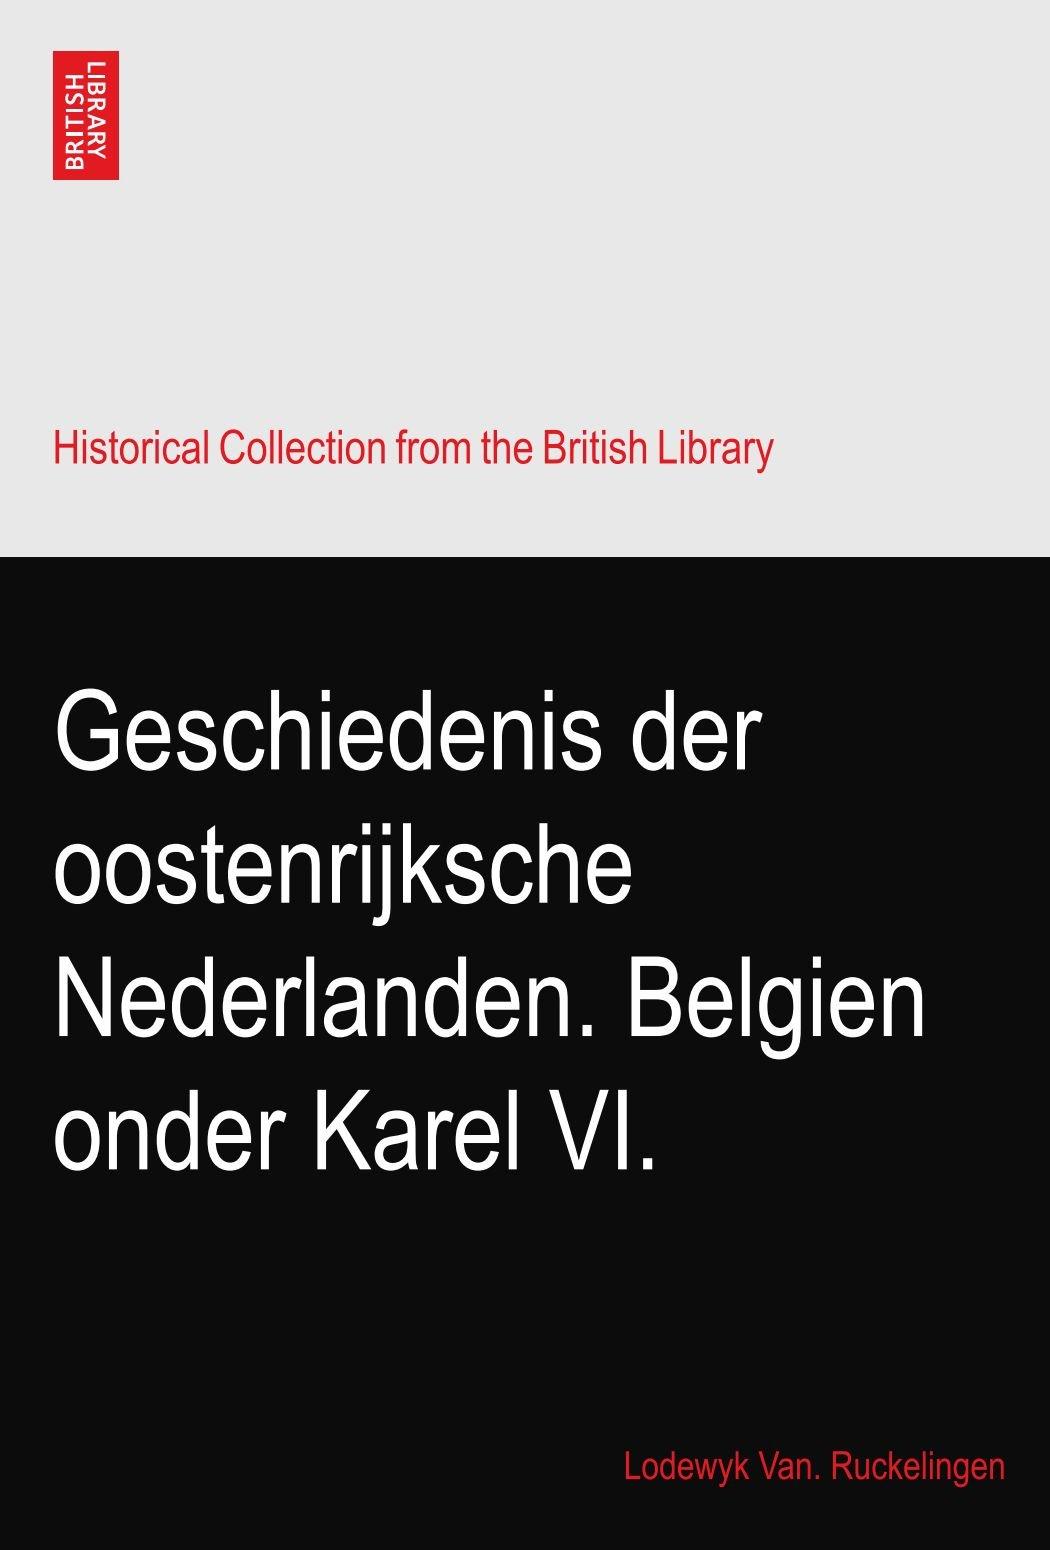 Download Geschiedenis der oostenrijksche Nederlanden. Belgien onder Karel VI. pdf